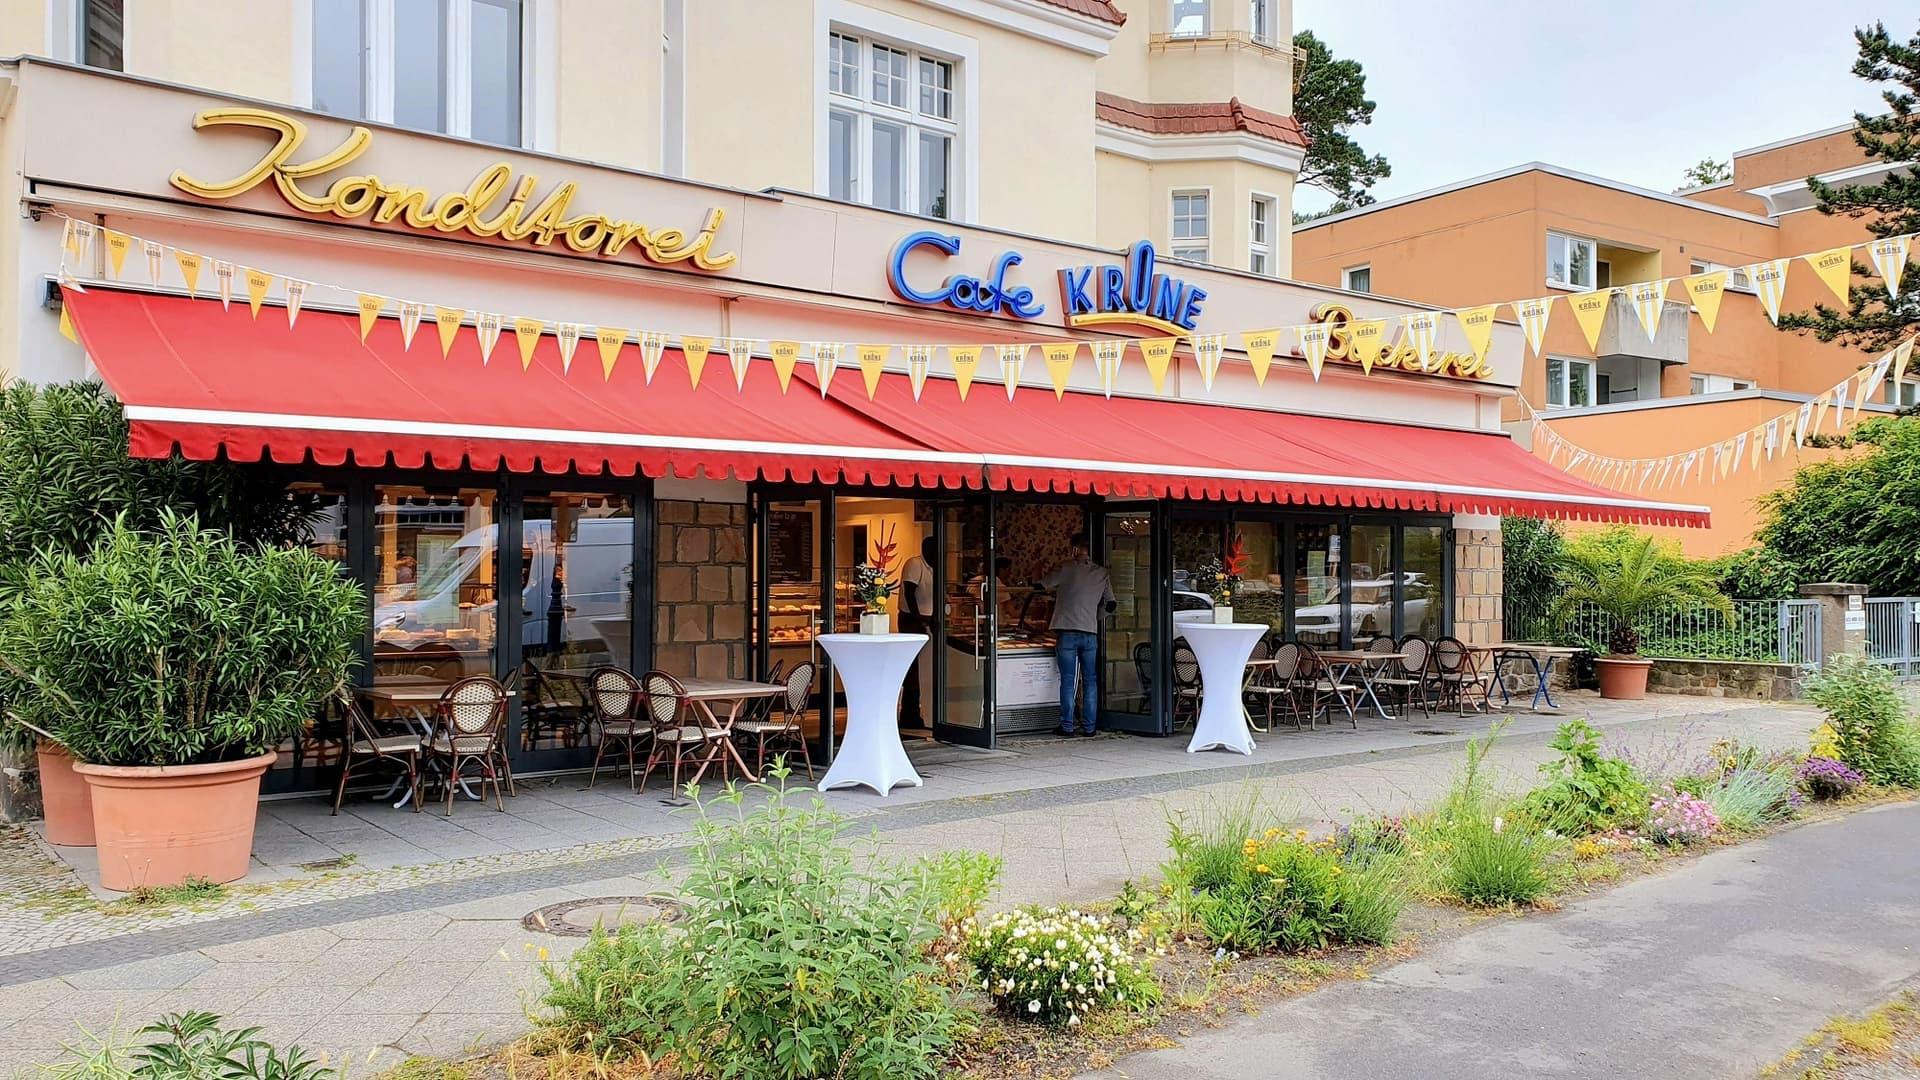 Aussenansicht Cafe Krone